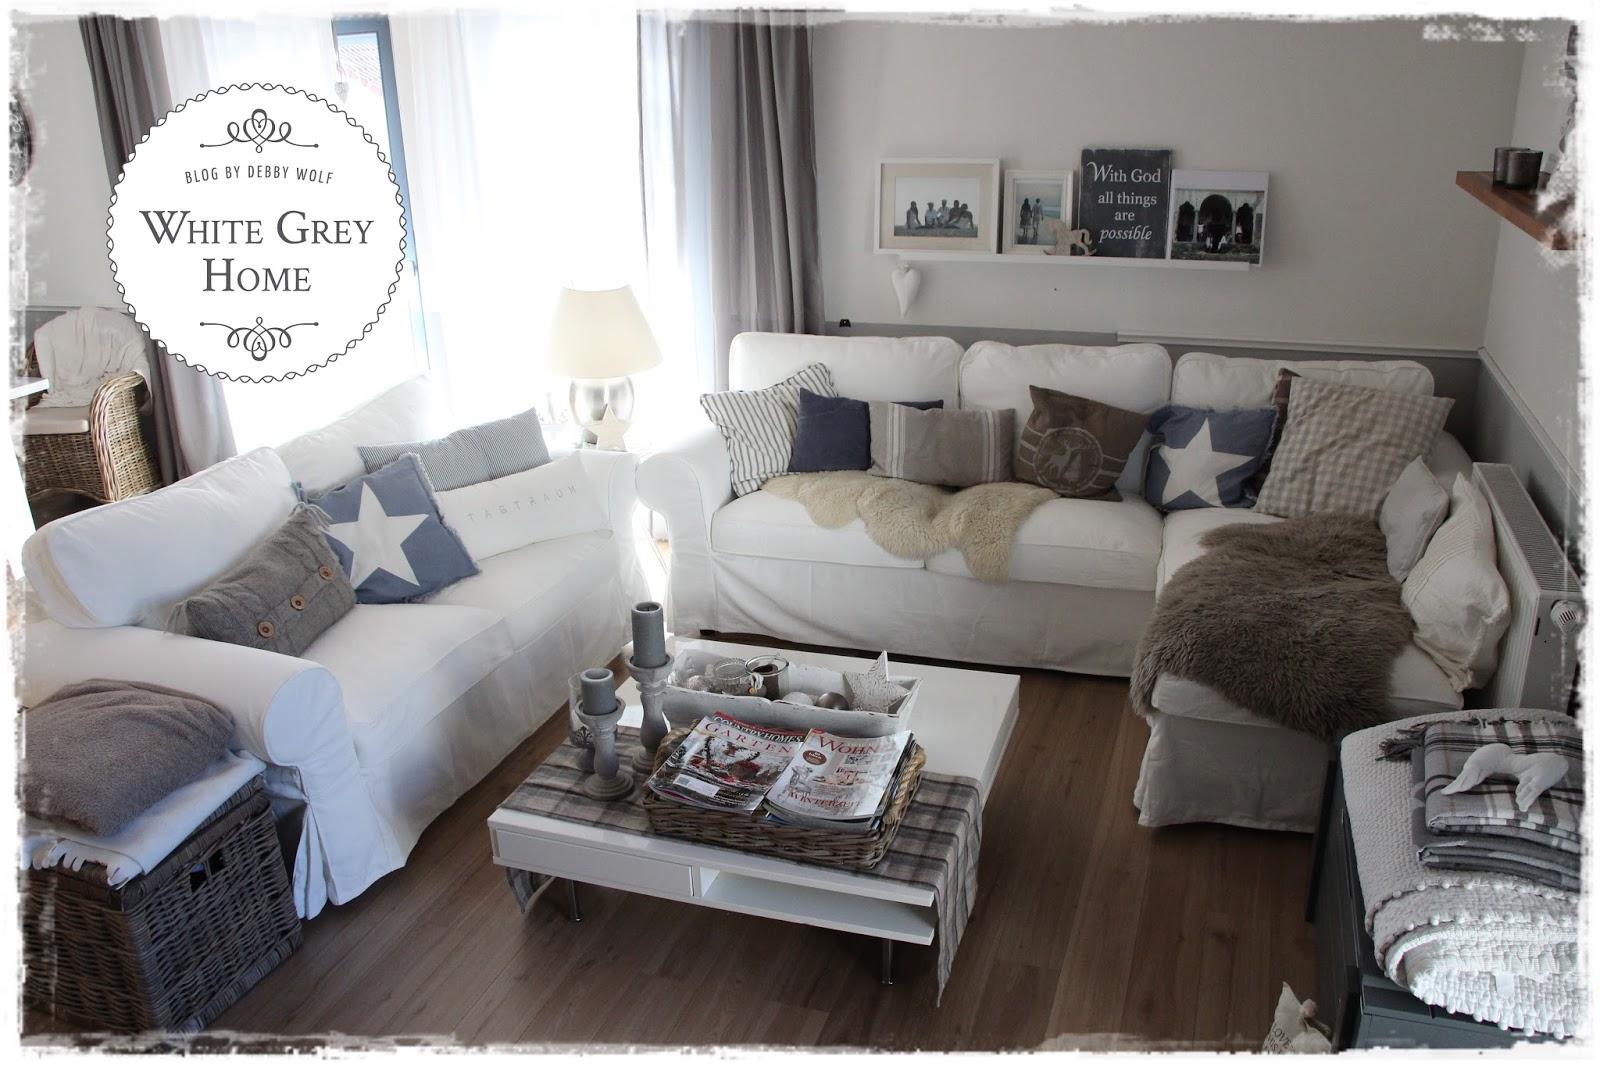 White grey home weihnachten im wohnzimmer - Weihnachten wohnzimmer ...